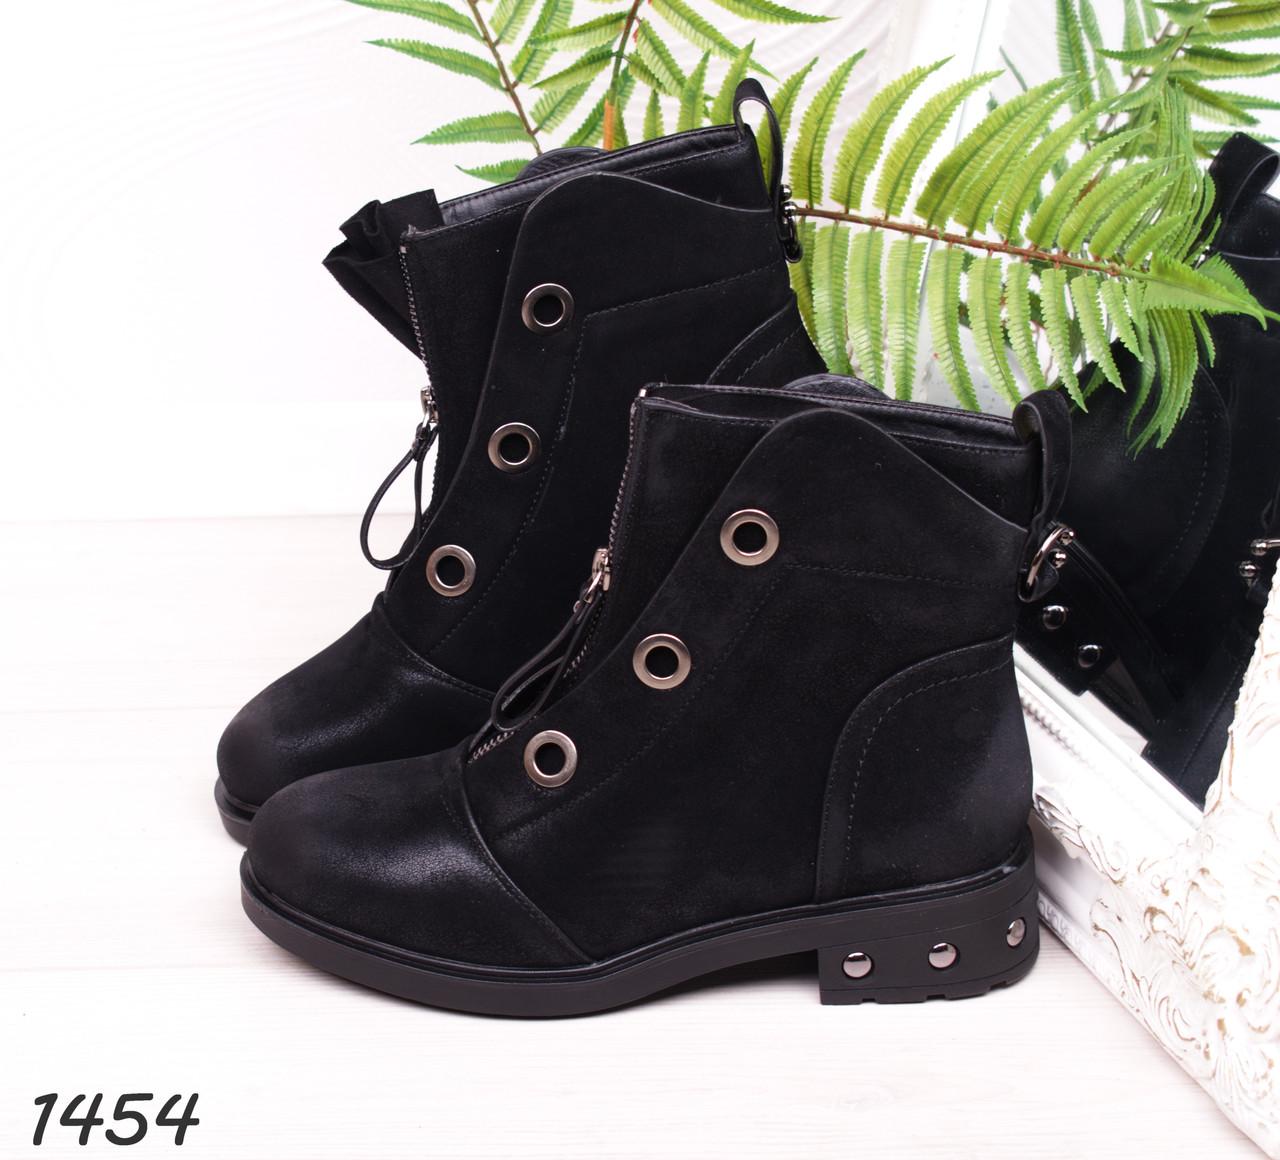 68ffa518 Ботинки женские зимние черные замшевые на низком ходу, низкий ход, зима